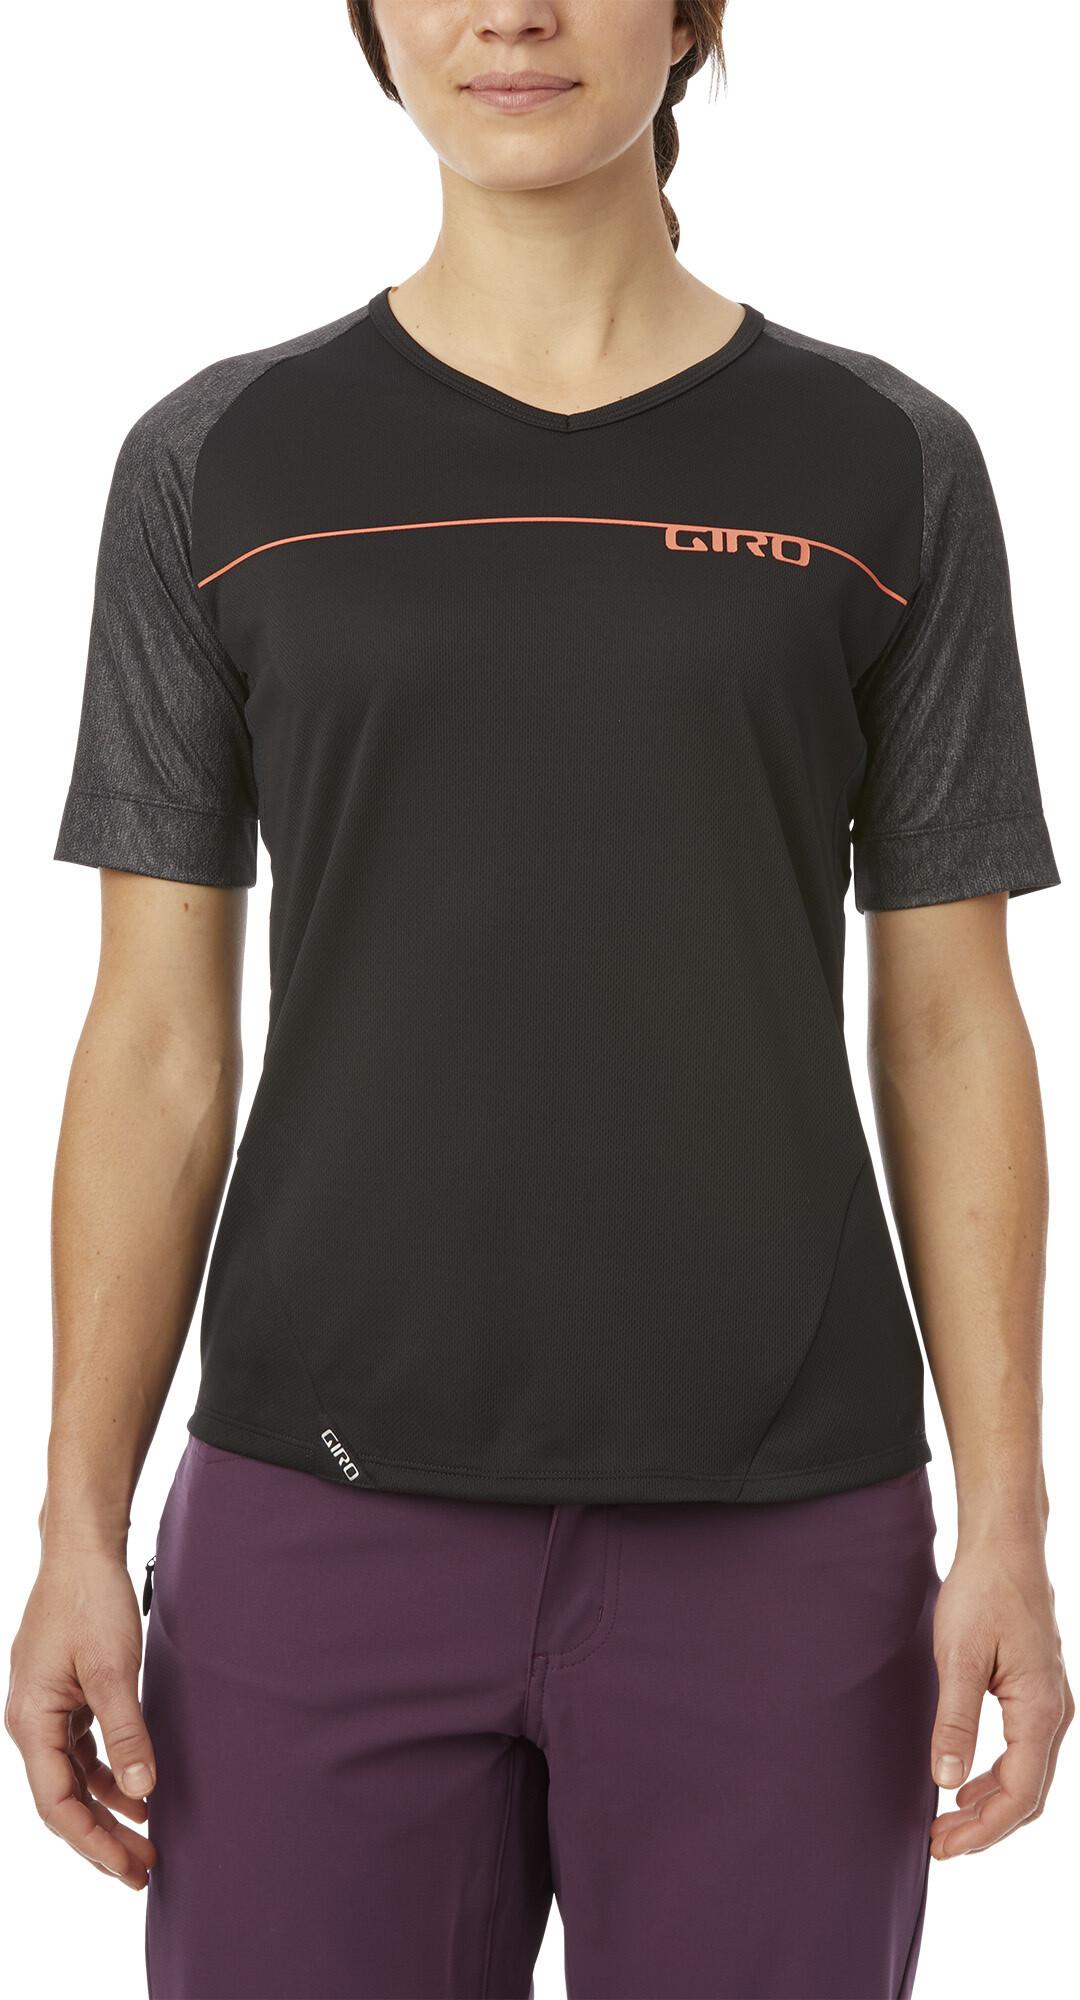 533b064d49384a Giro Xar MTB maglietta a maniche corte Donna nero su Bikester